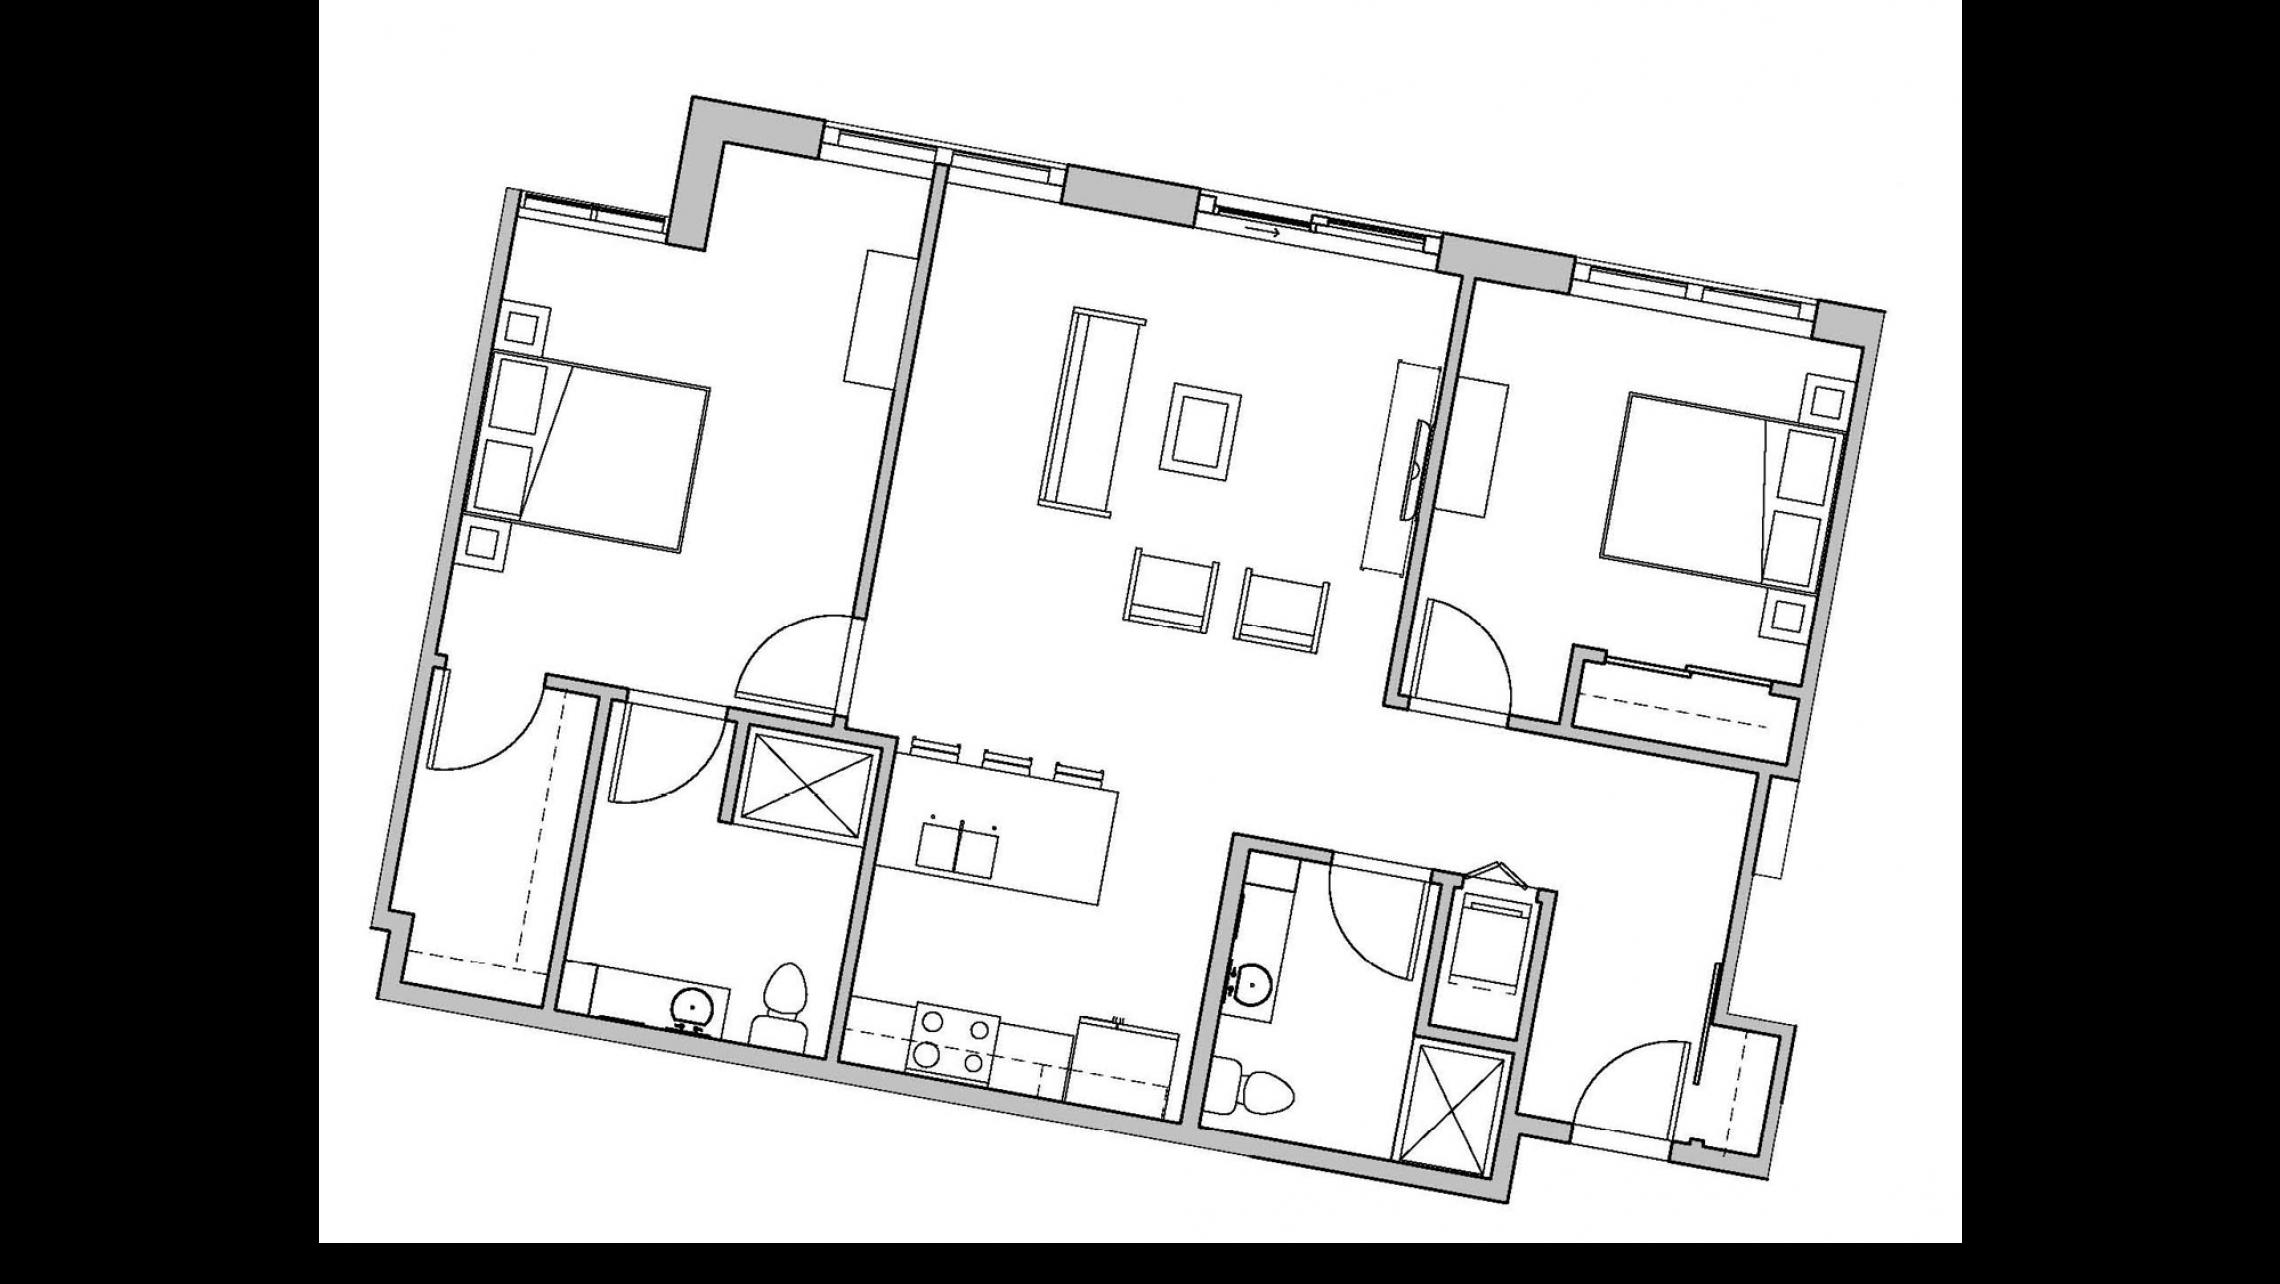 ULI Seven27 237 - Two Bedroom, Two Bathroom